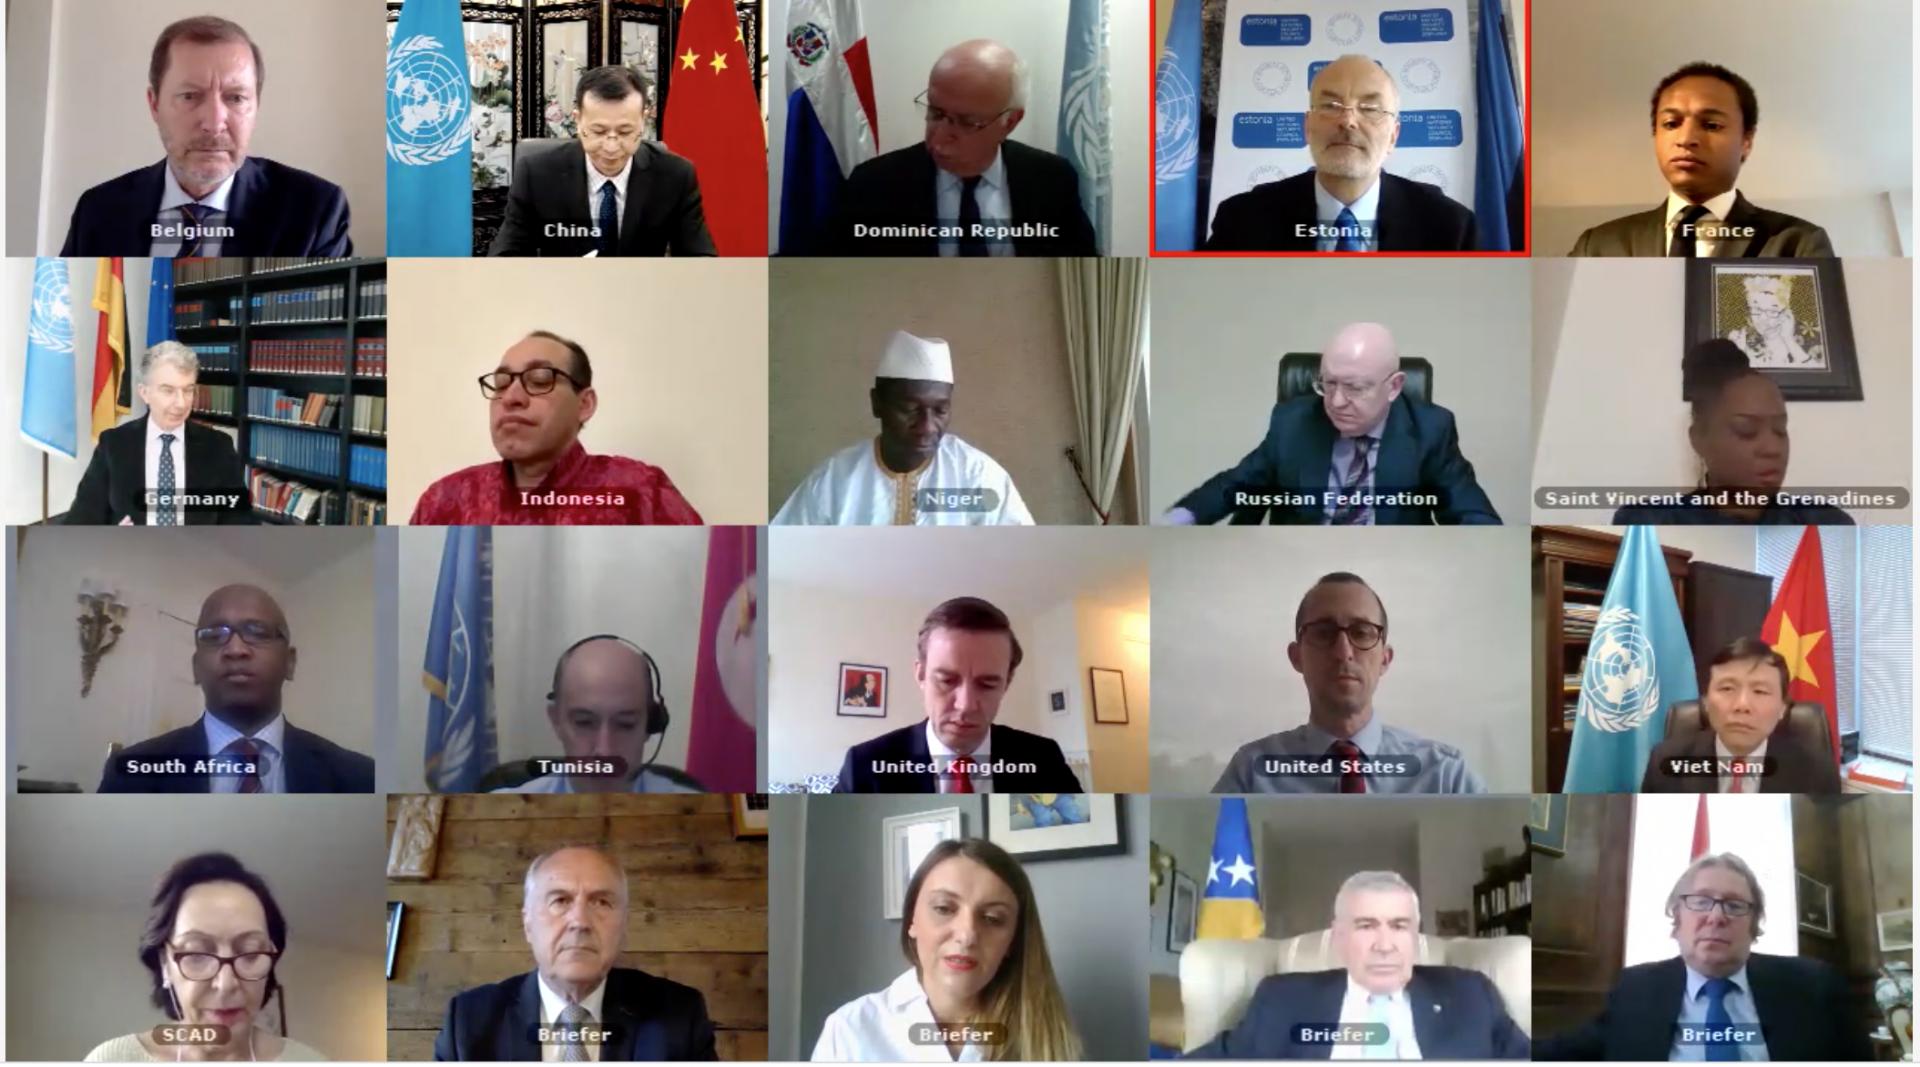 Le Vietnam appelle à promouvoir la réconciliation et le dialogue en Bosnie-Herzégovine